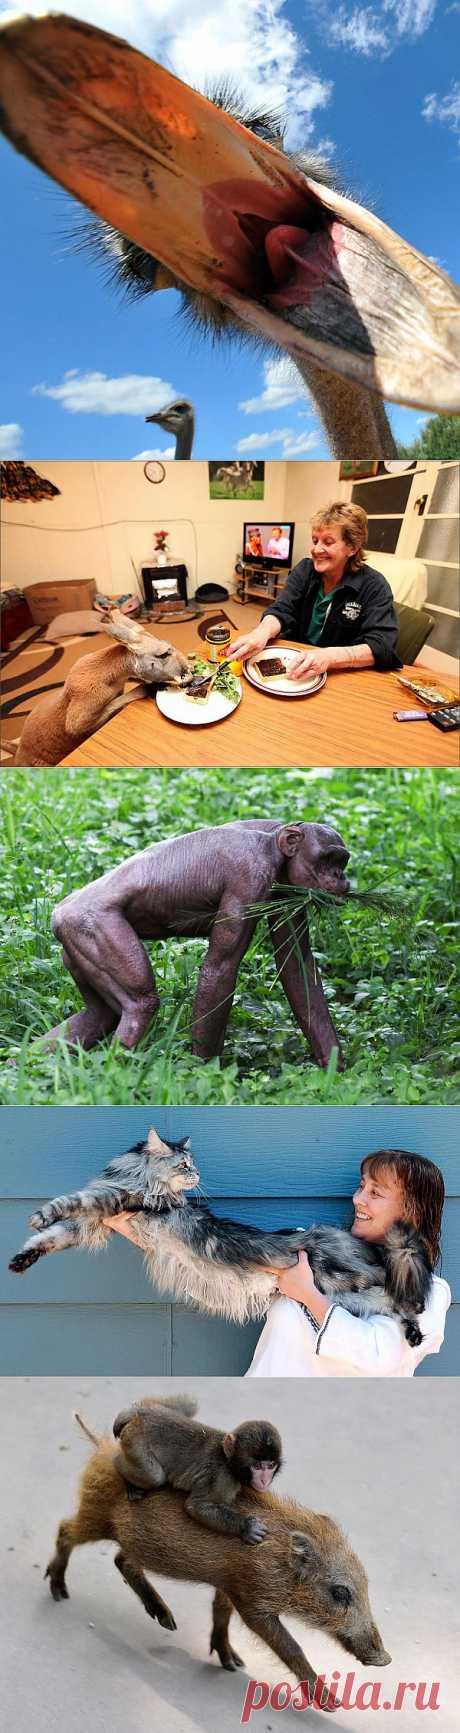 » Животные в новостях Это интересно!